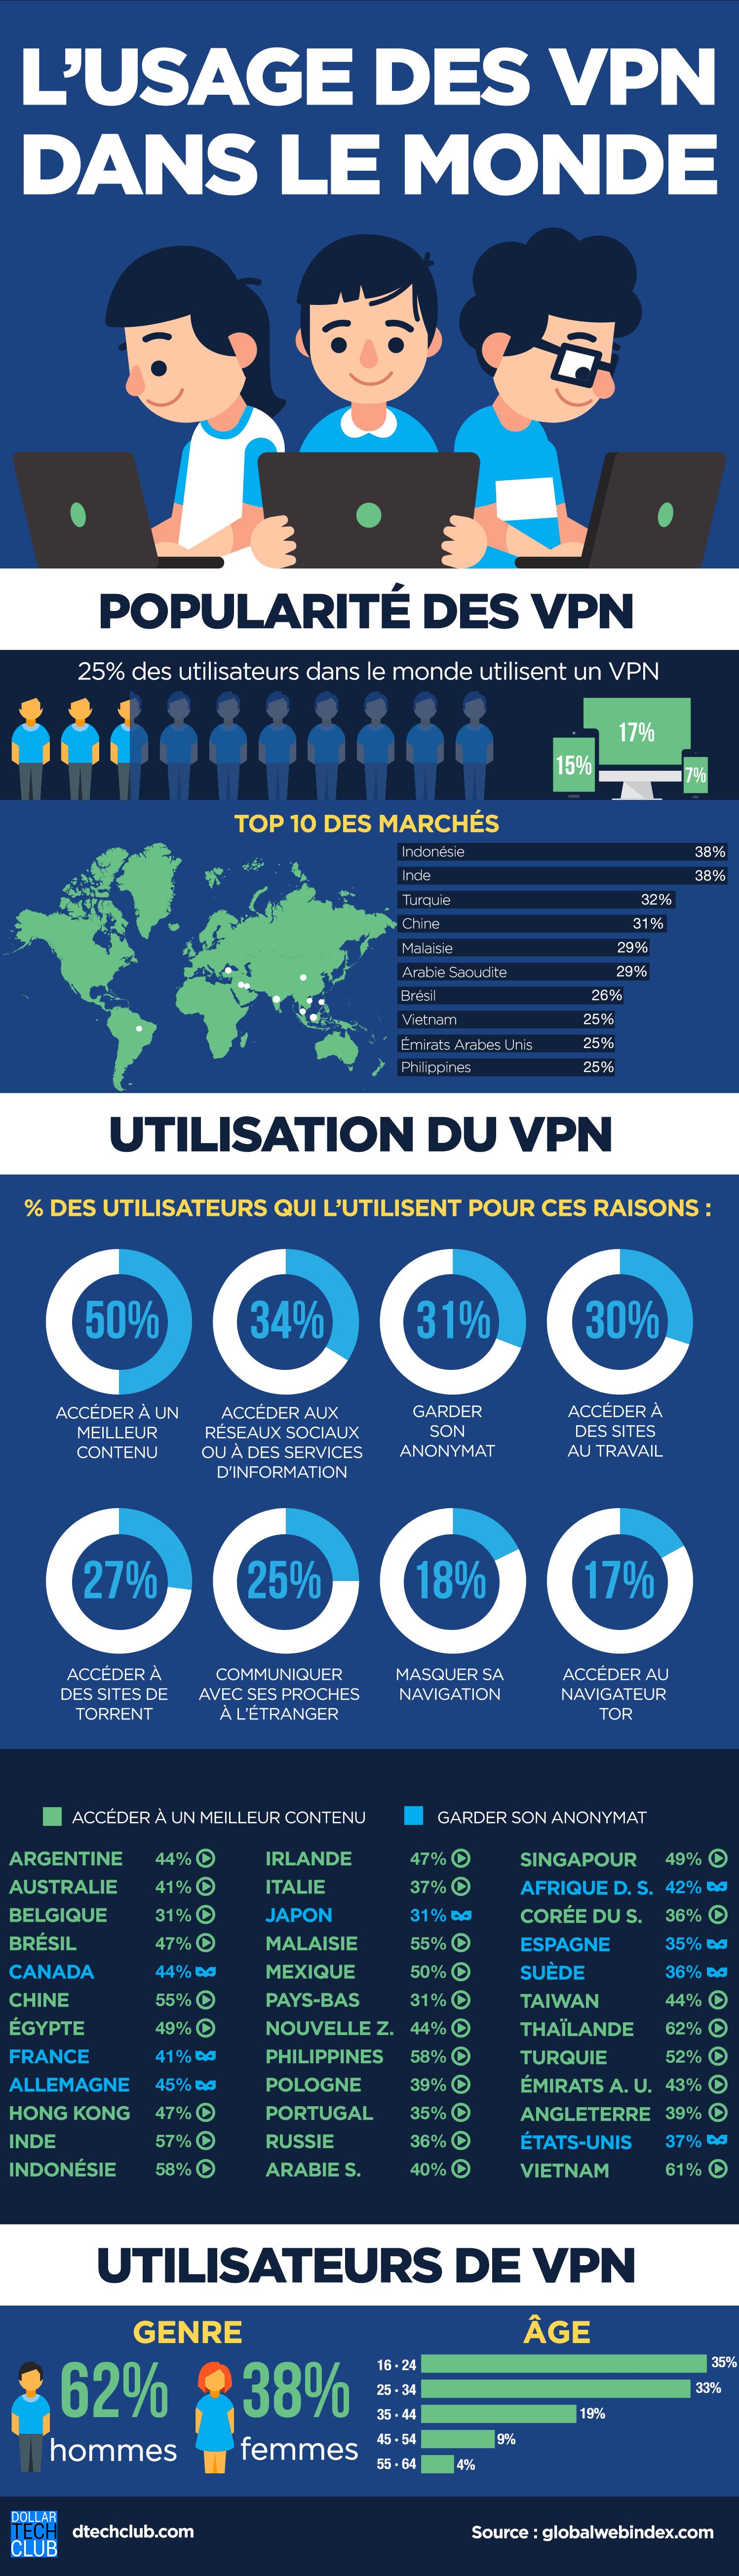 Infographie de l'usage des VPN dans le monde.